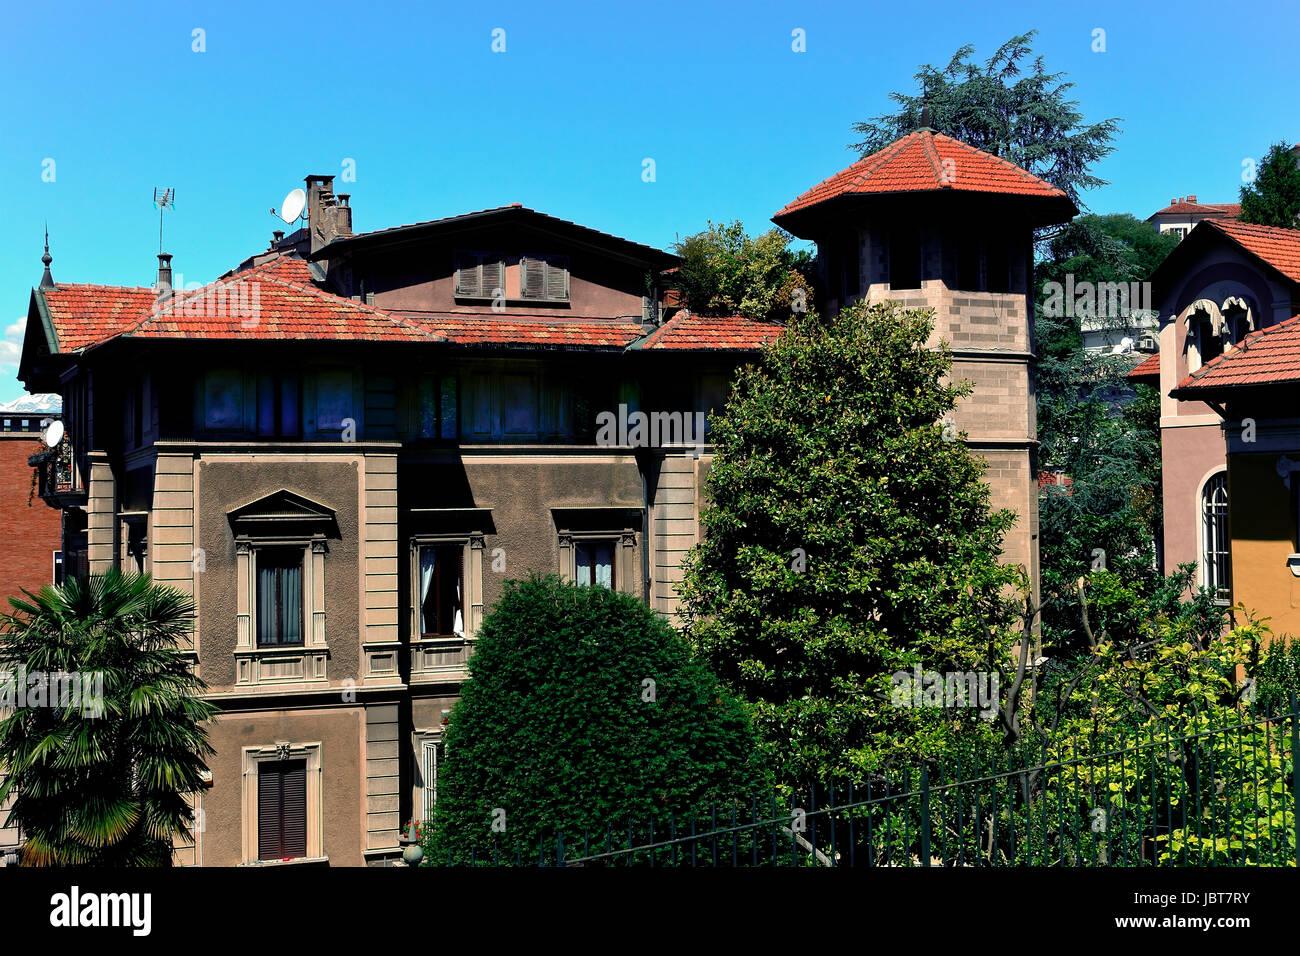 Villa in stile Liberty. Crimea borough, Po borough. Borgo Crimea, Borgo Po. Torino Piemonte, Italia Immagini Stock